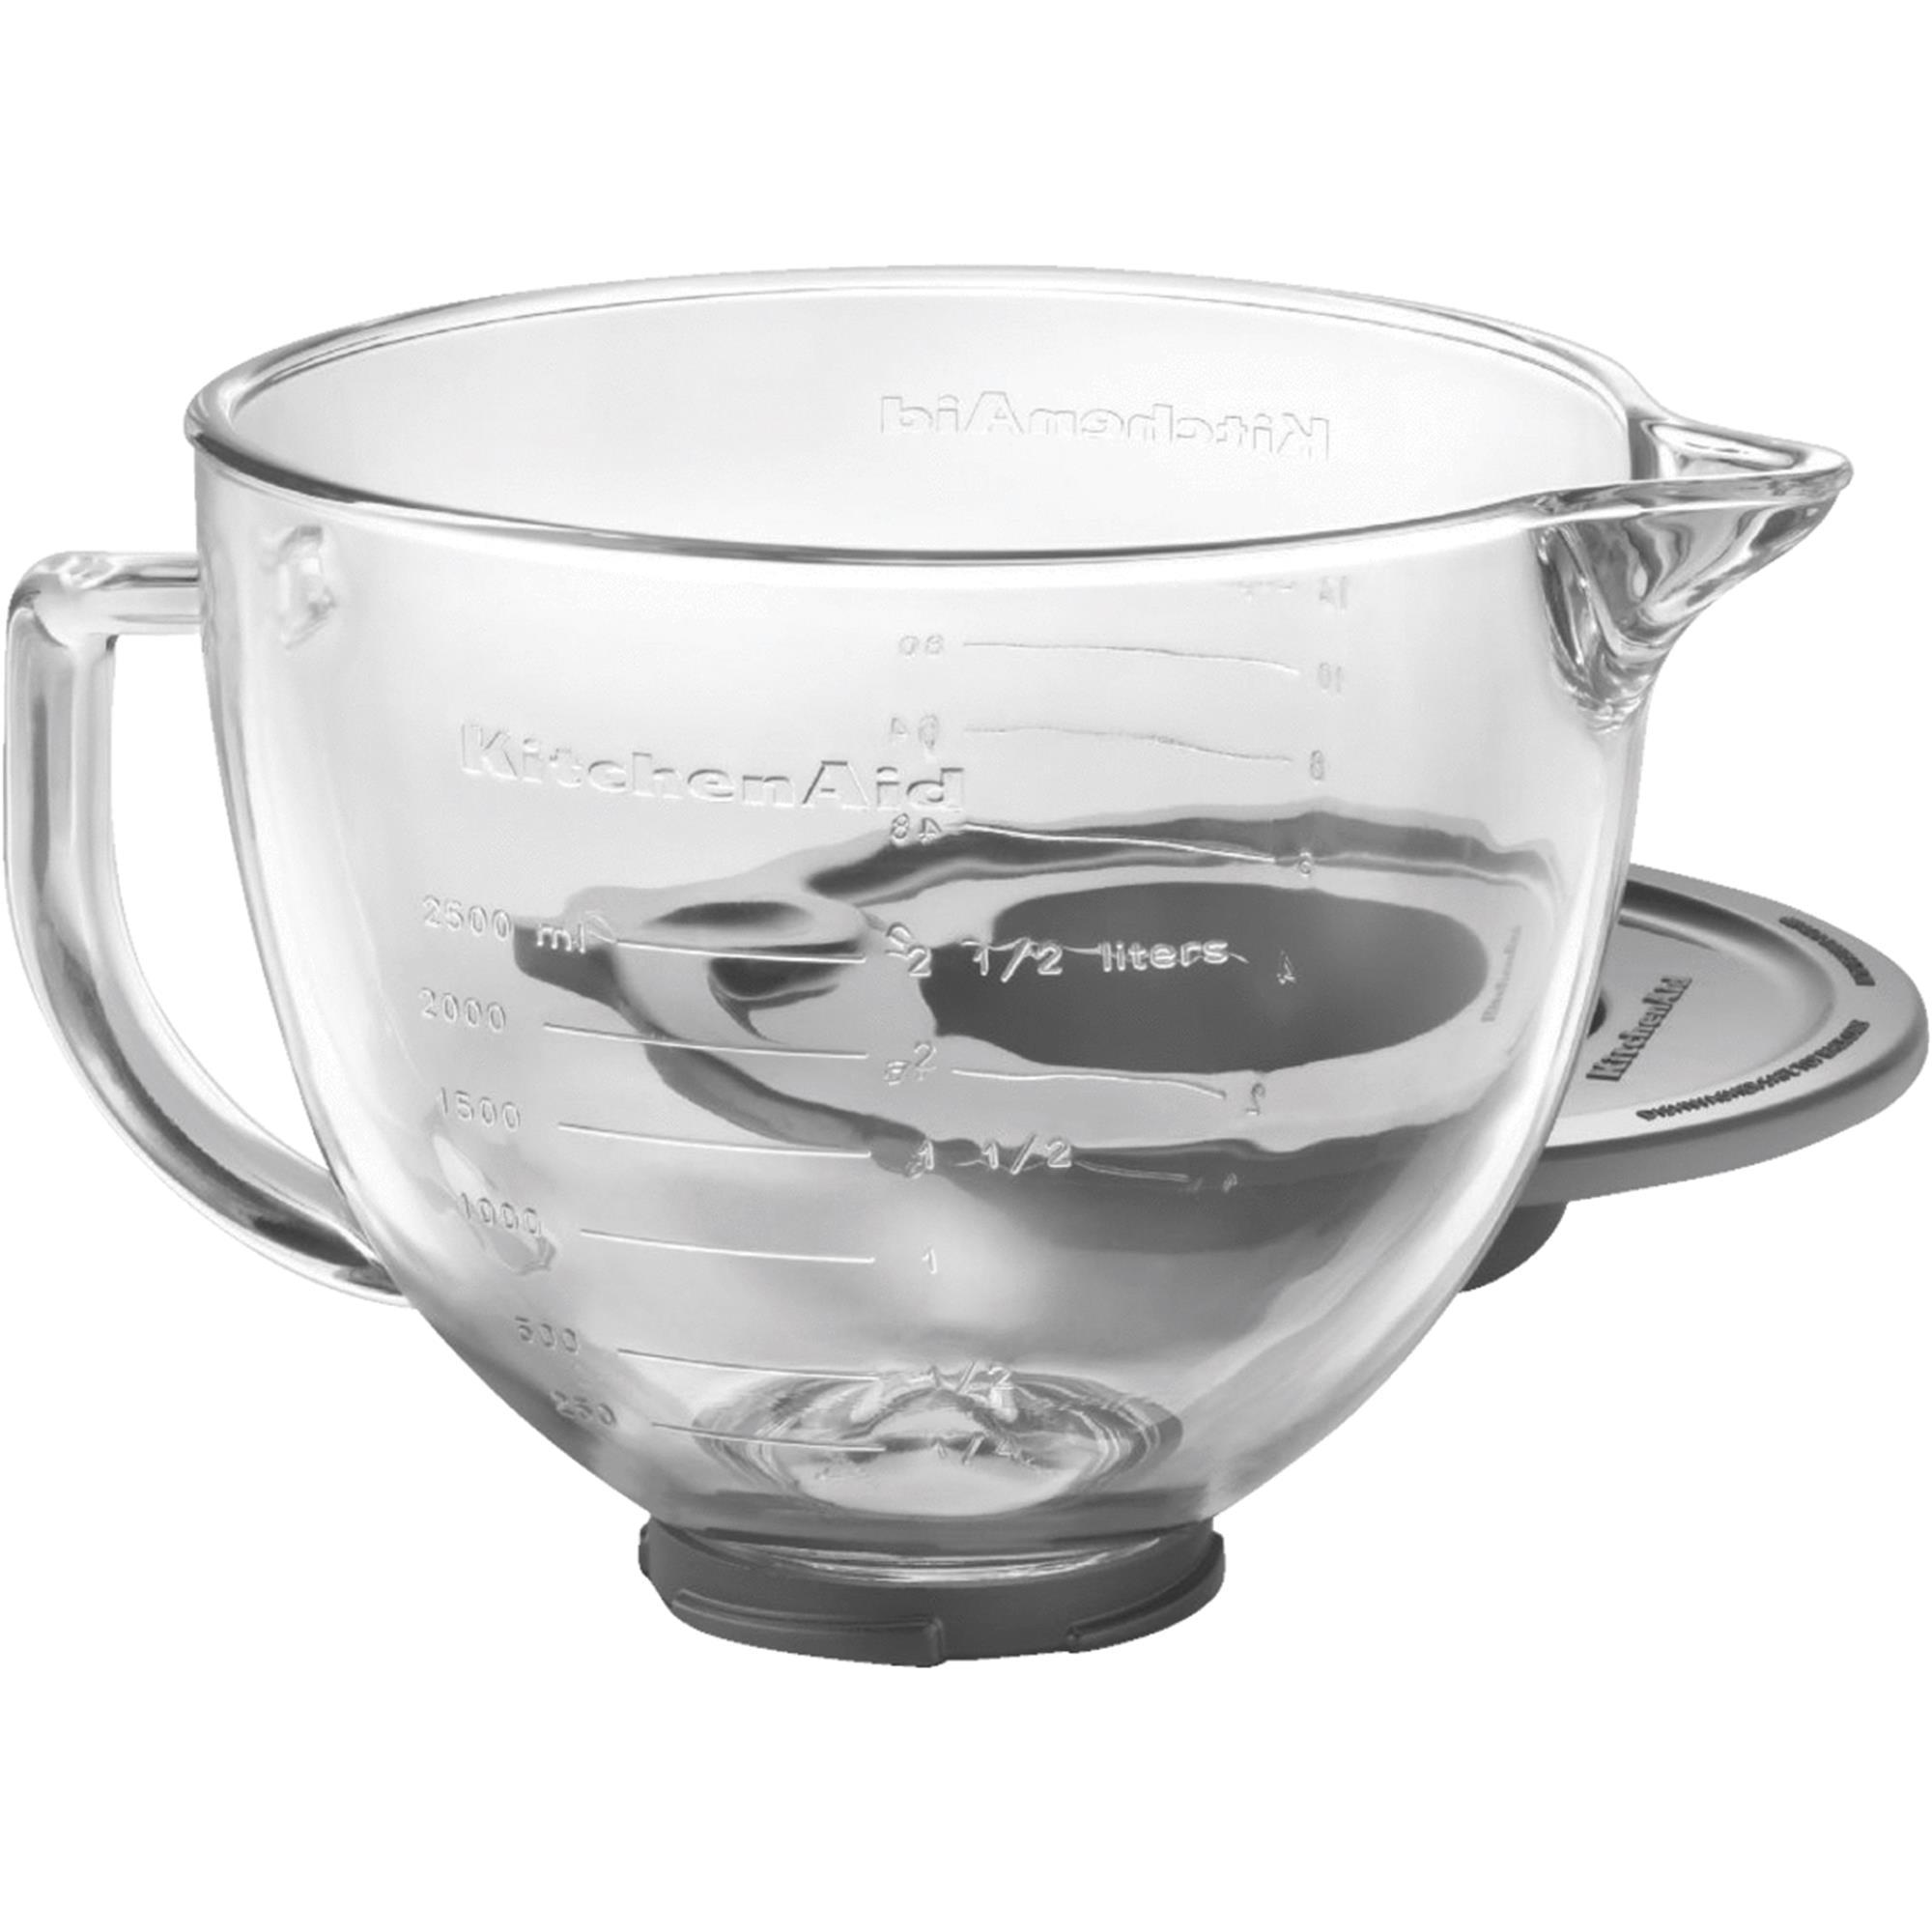 KitchenAid® 5-Qt. Tilt-Head Glass Bowl With Measurement